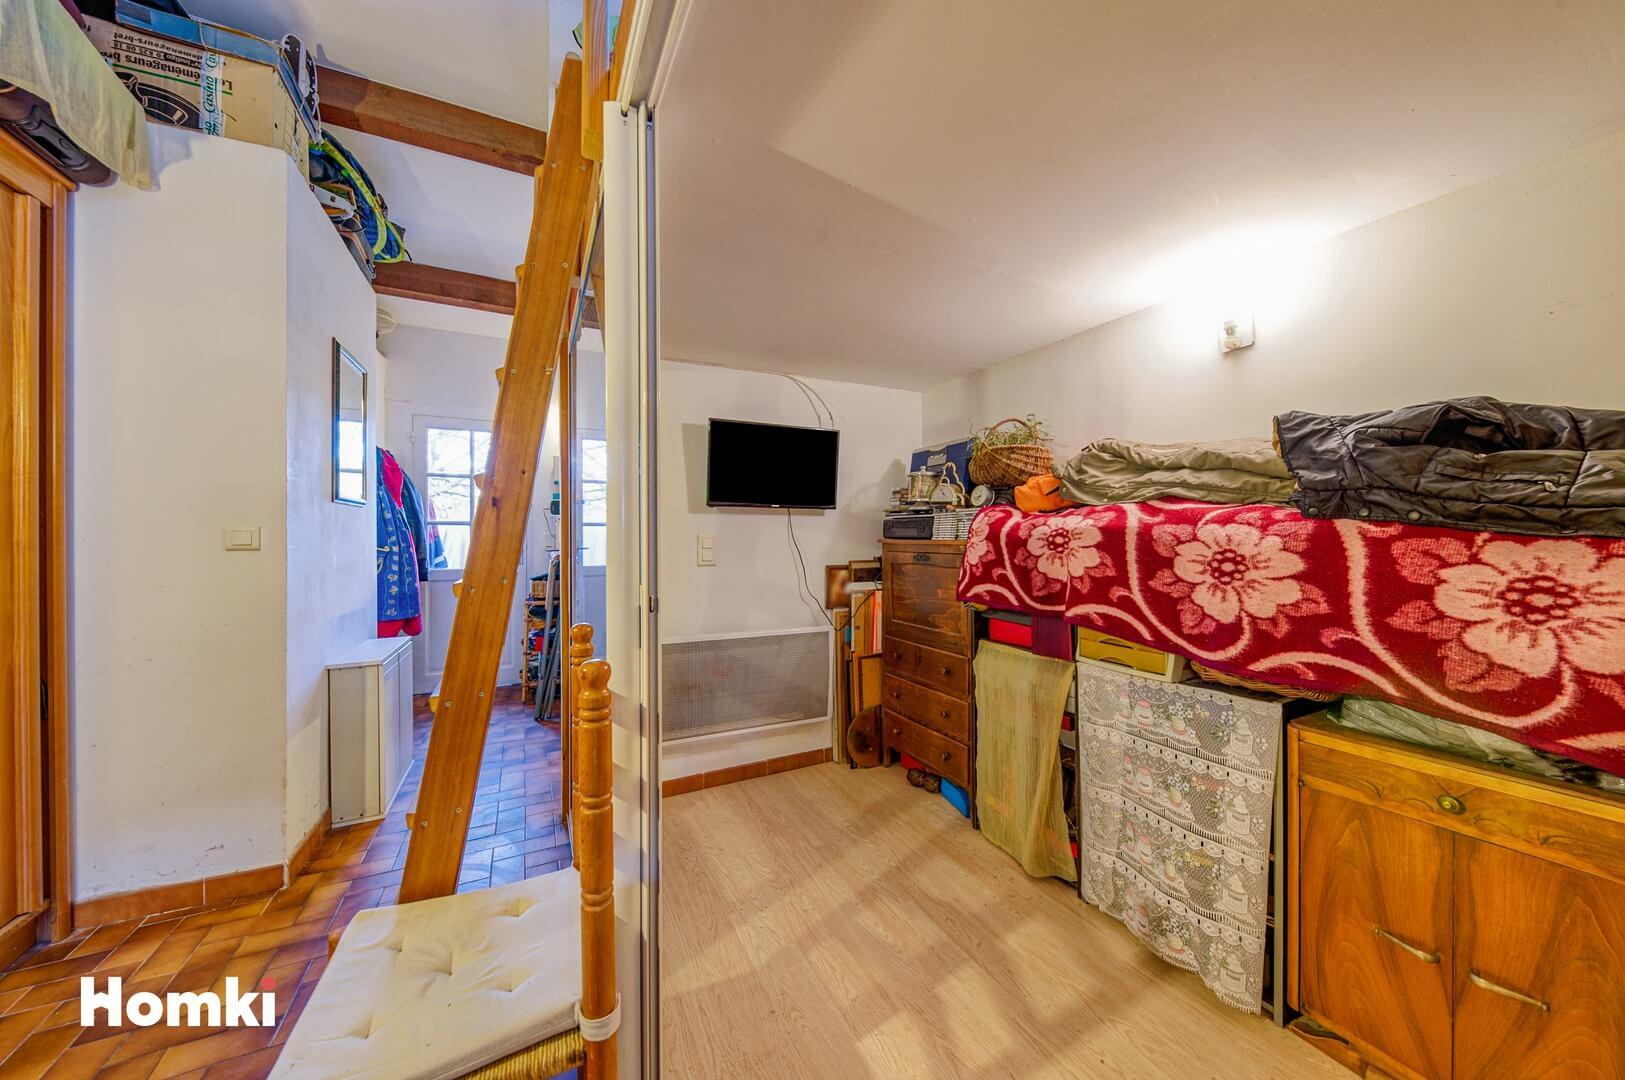 Homki - Vente Maison de ville  de 32.0 m² à Meyreuil 13590